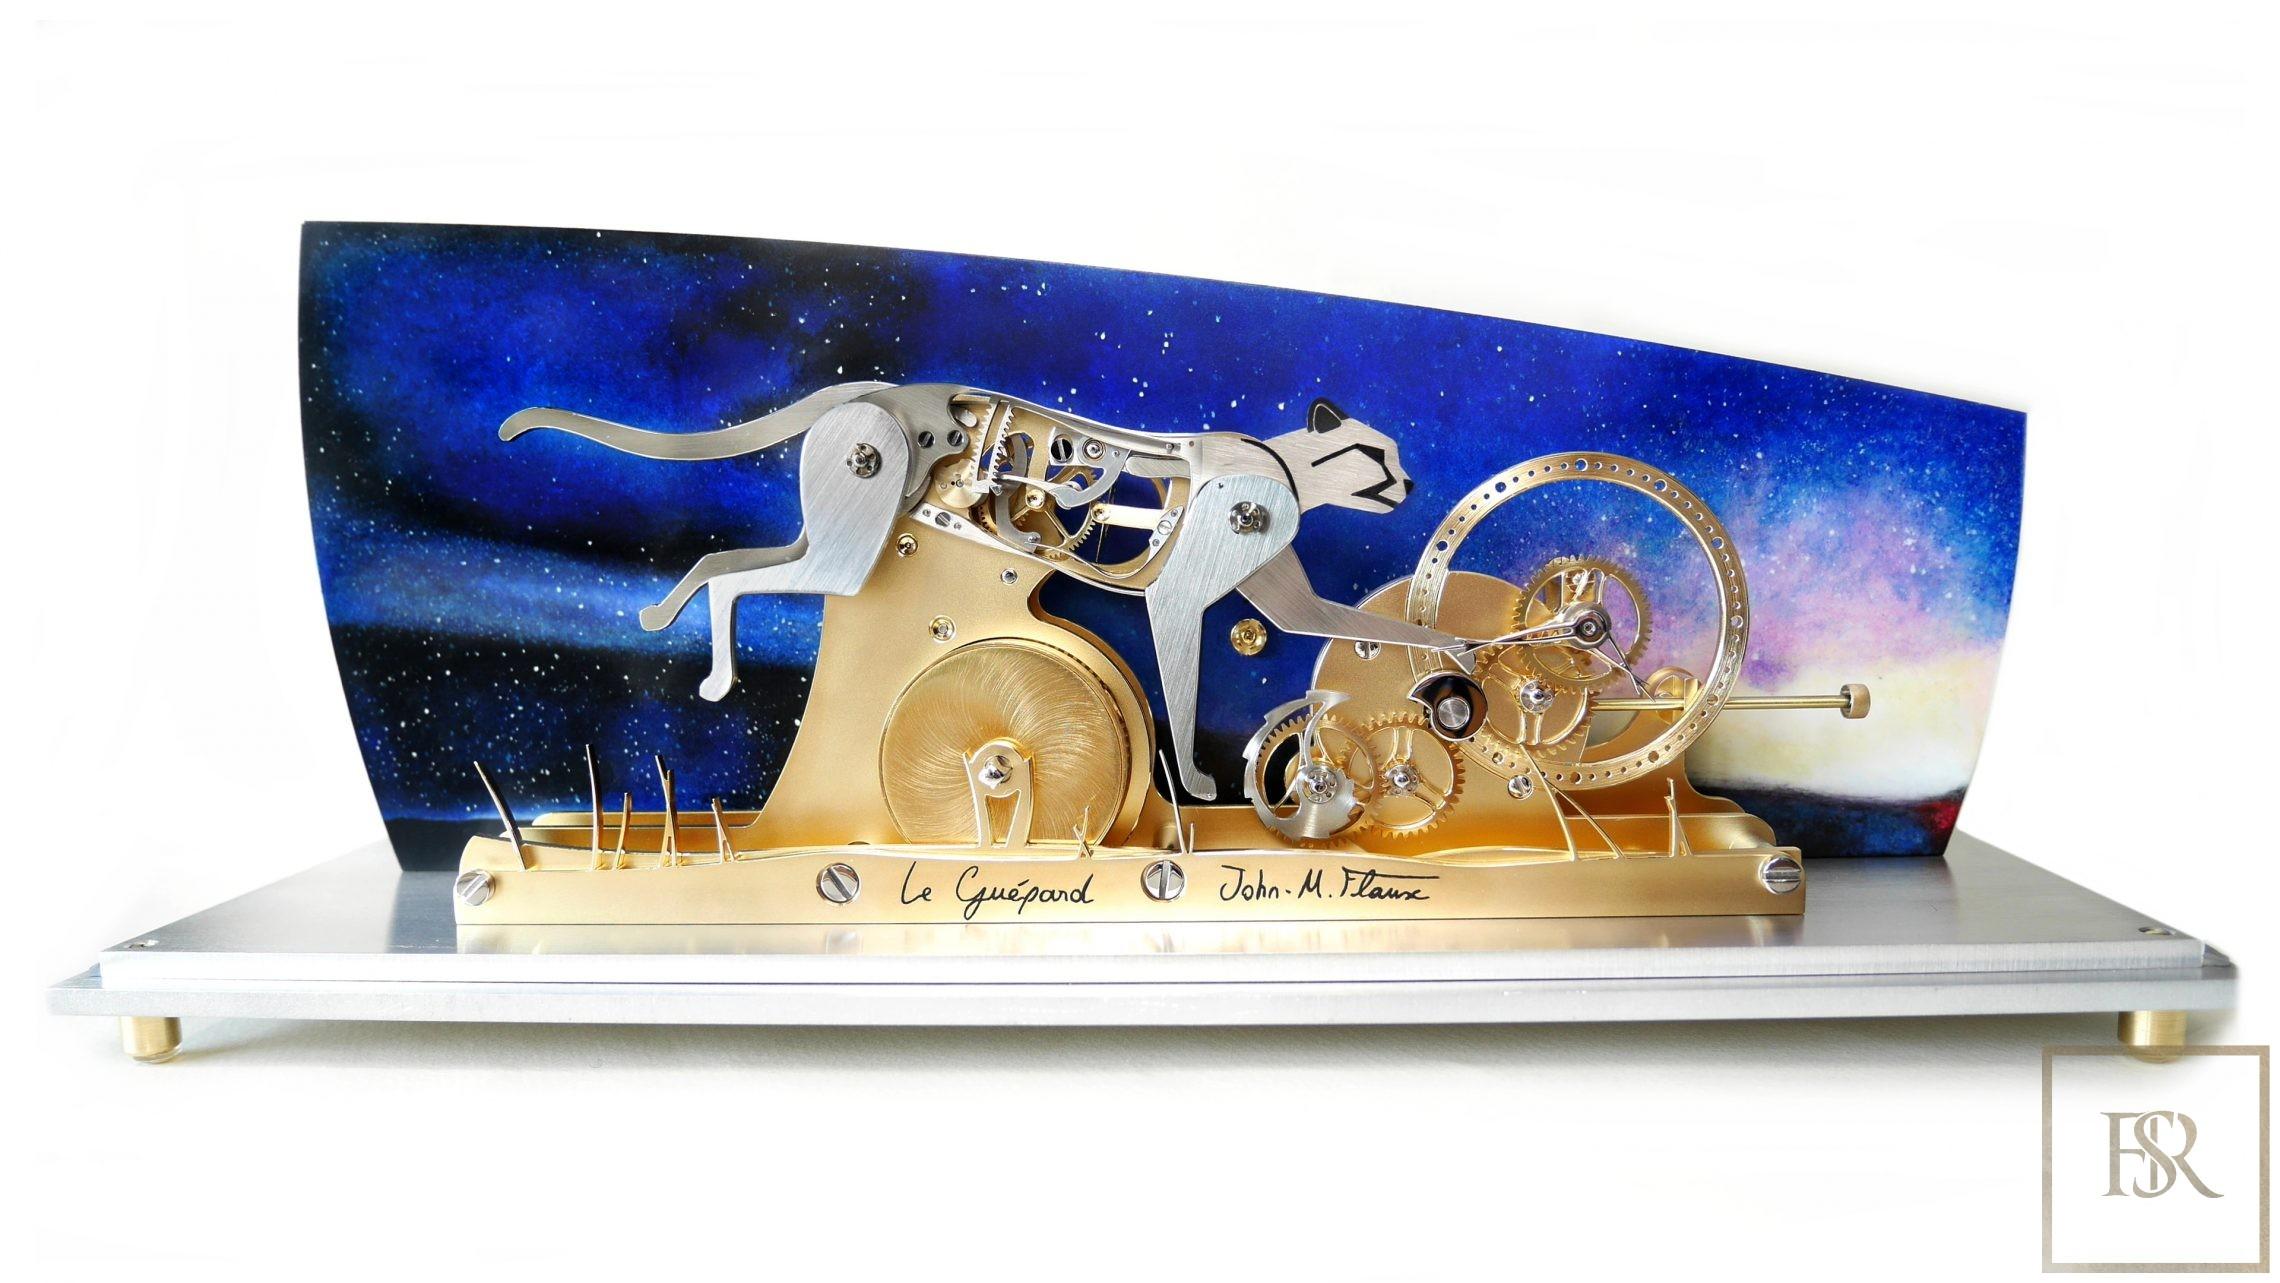 LE GUÉPARD - Poetic clock by John-M.Flaux for sale For Super Rich